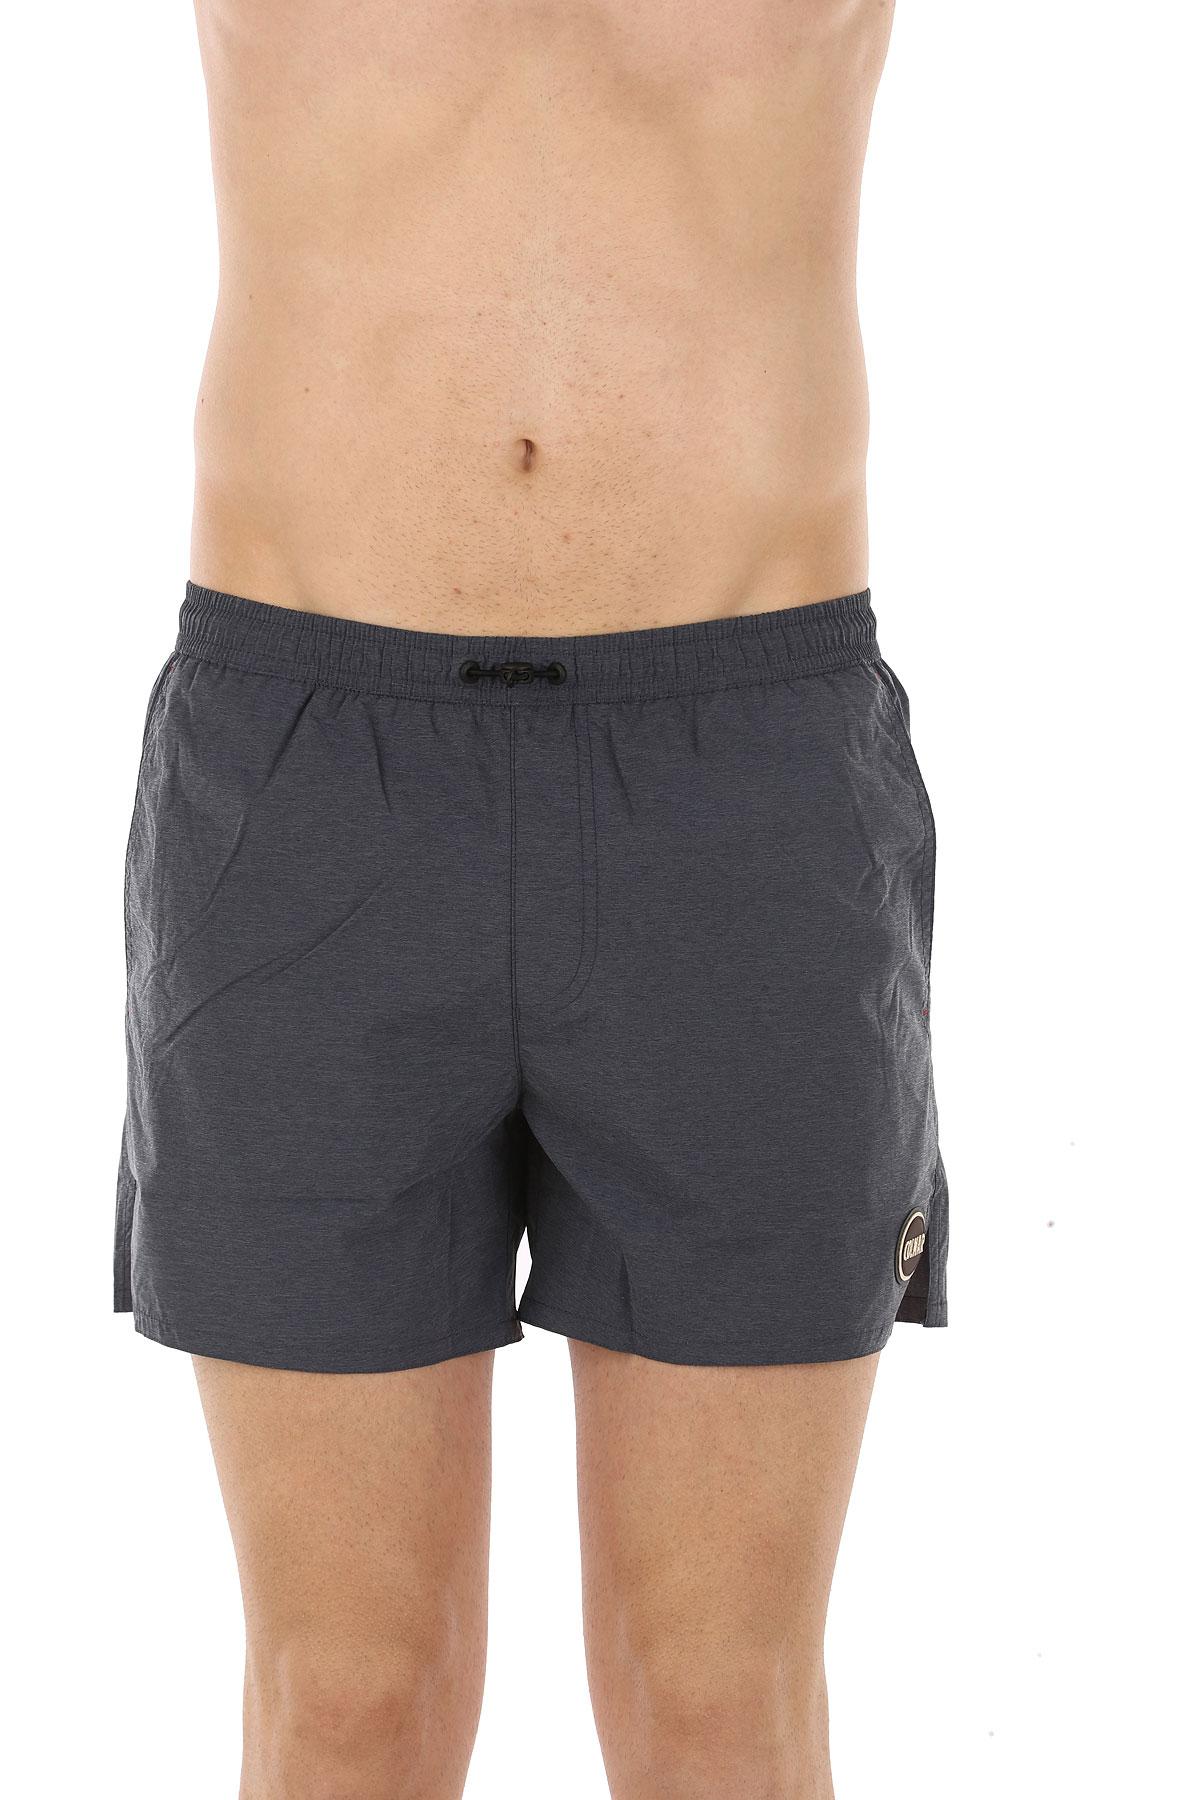 Image of Colmar Swimwear On Sale, navy, polyamide, 2017, M (EU 48) L (EU 50) XL (EU 52) XXL (EU 54) XXXL (EU 56)